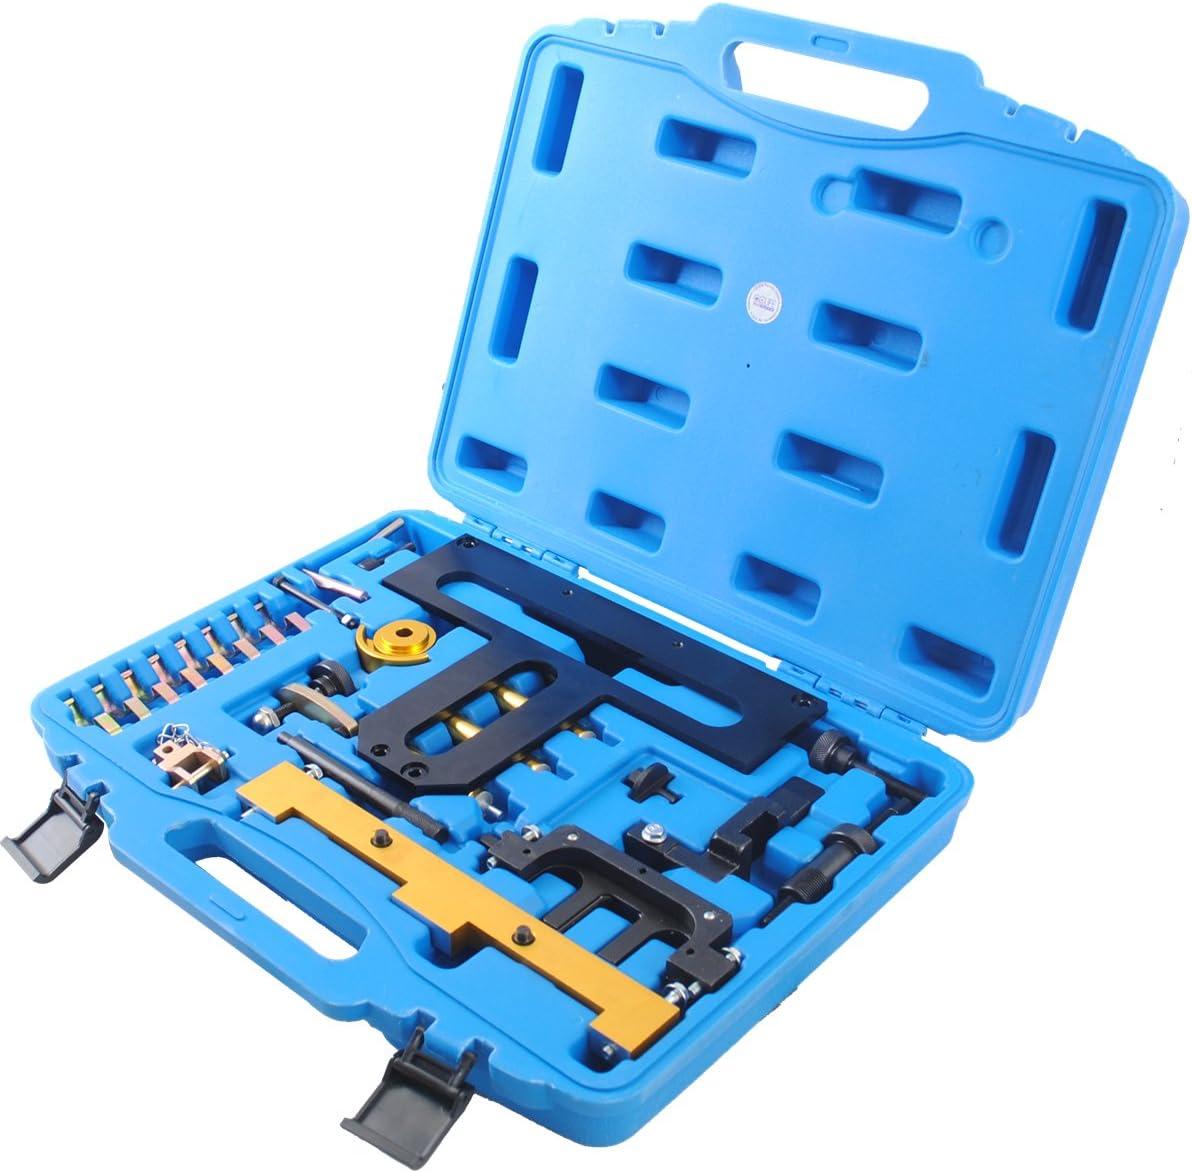 Cclife Motor Steuerkette Arretierwerkzeug Einstellwerkzeug Nockenwellen Kurbelwellen Kompatibel Mit Bnw N42 N46 N46t 1 8 2 0 Auto